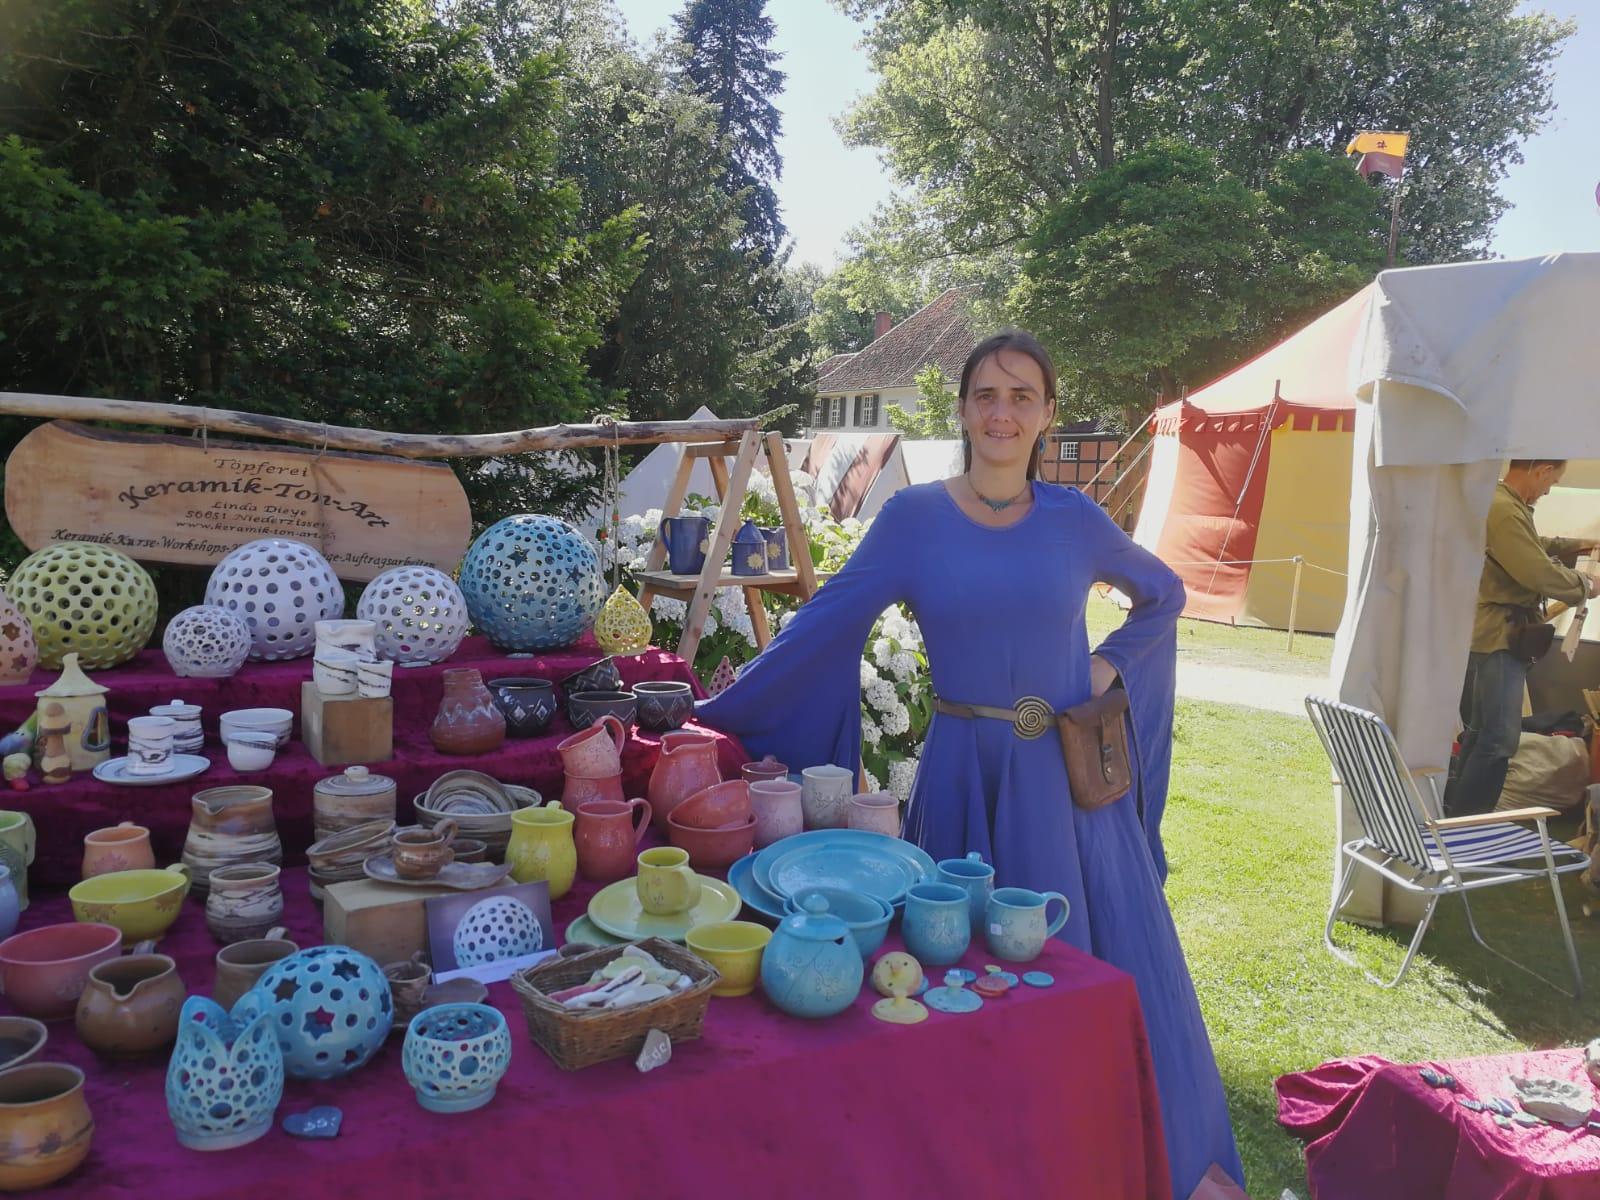 Keramik-Ton-Art Markt